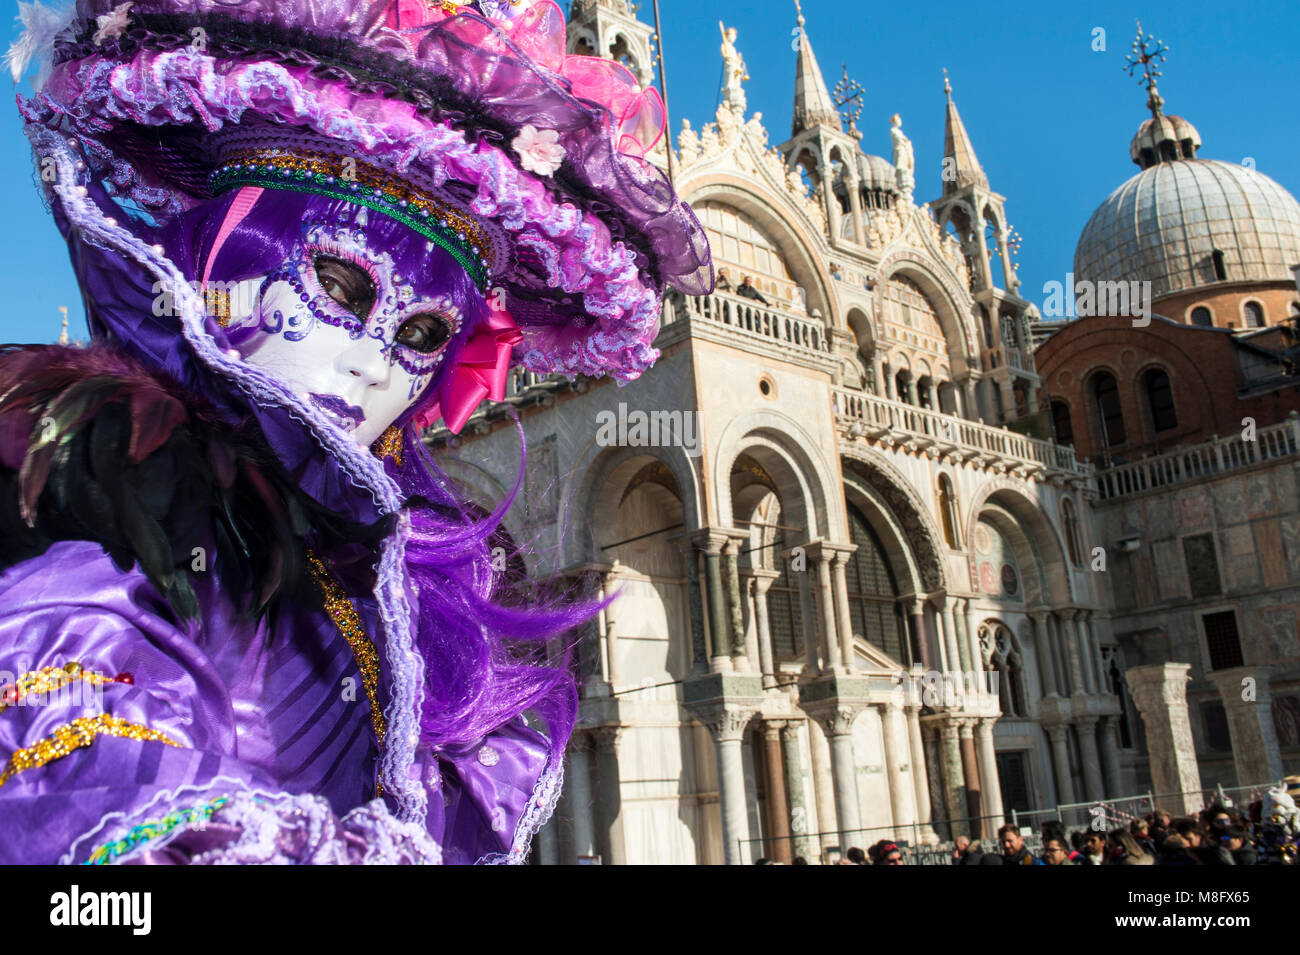 Venice, Italy - February 6 2018 - The Masks of carnival 2018. The Carnival of Venice (Italian: Carnevale di Venezia) Stock Photo